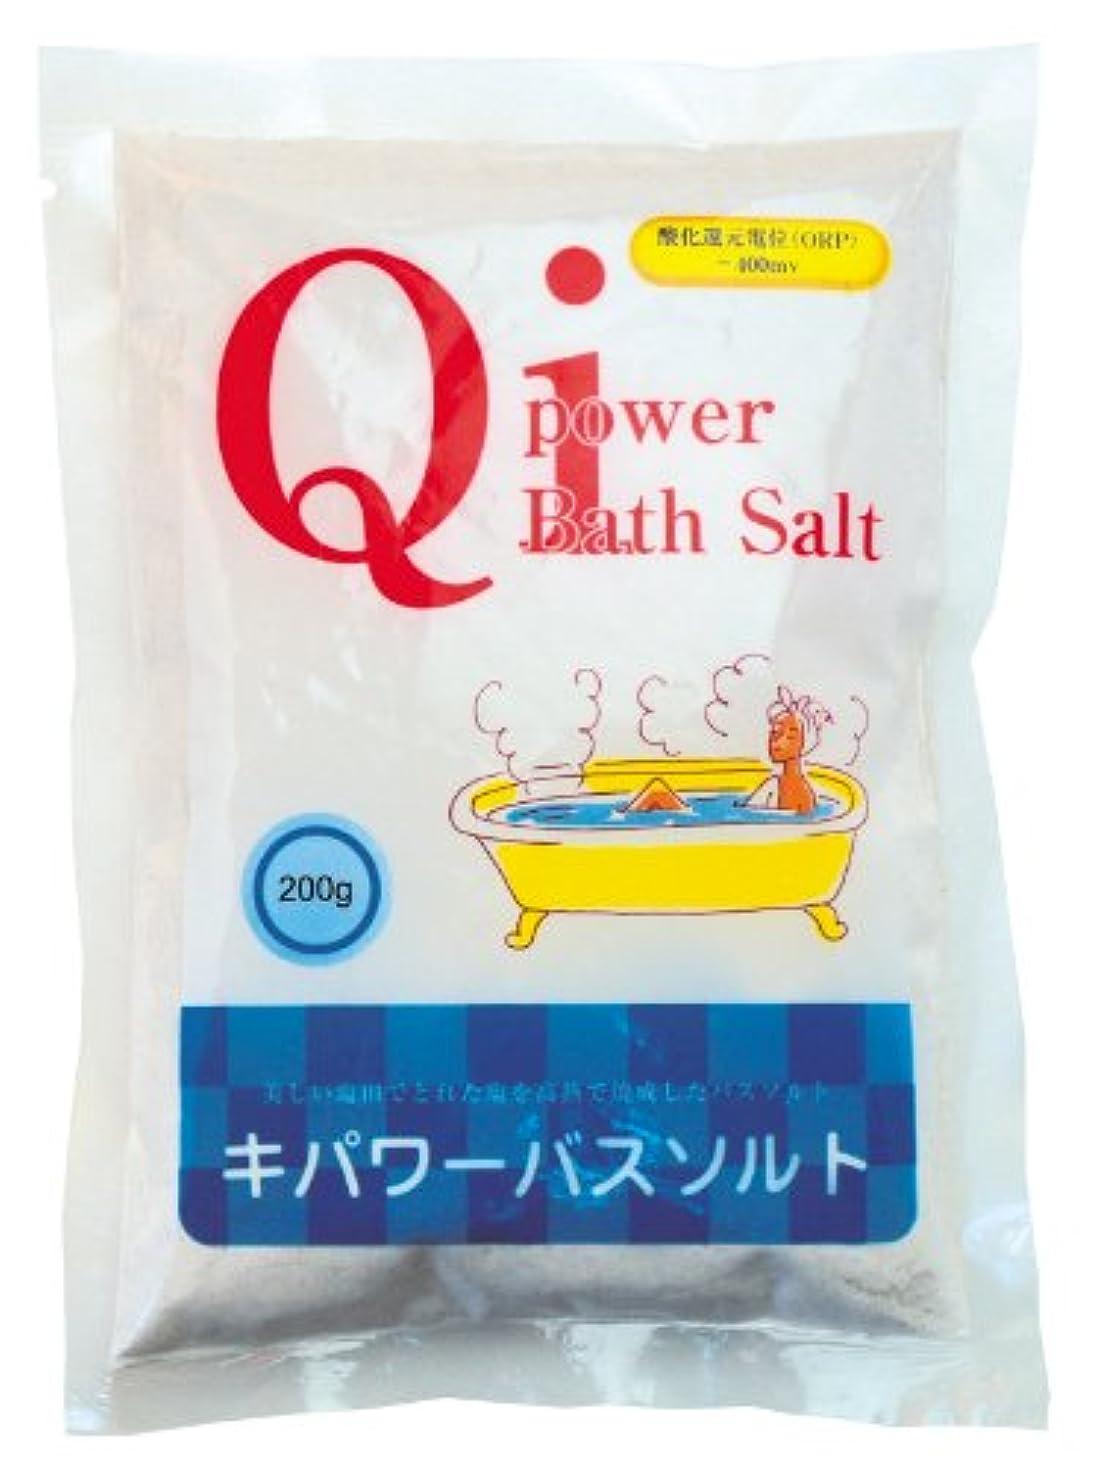 ポンド不器用延期するキパワー 天日塩を独自高温焼成 キパワーバスソルト 200g 12セット